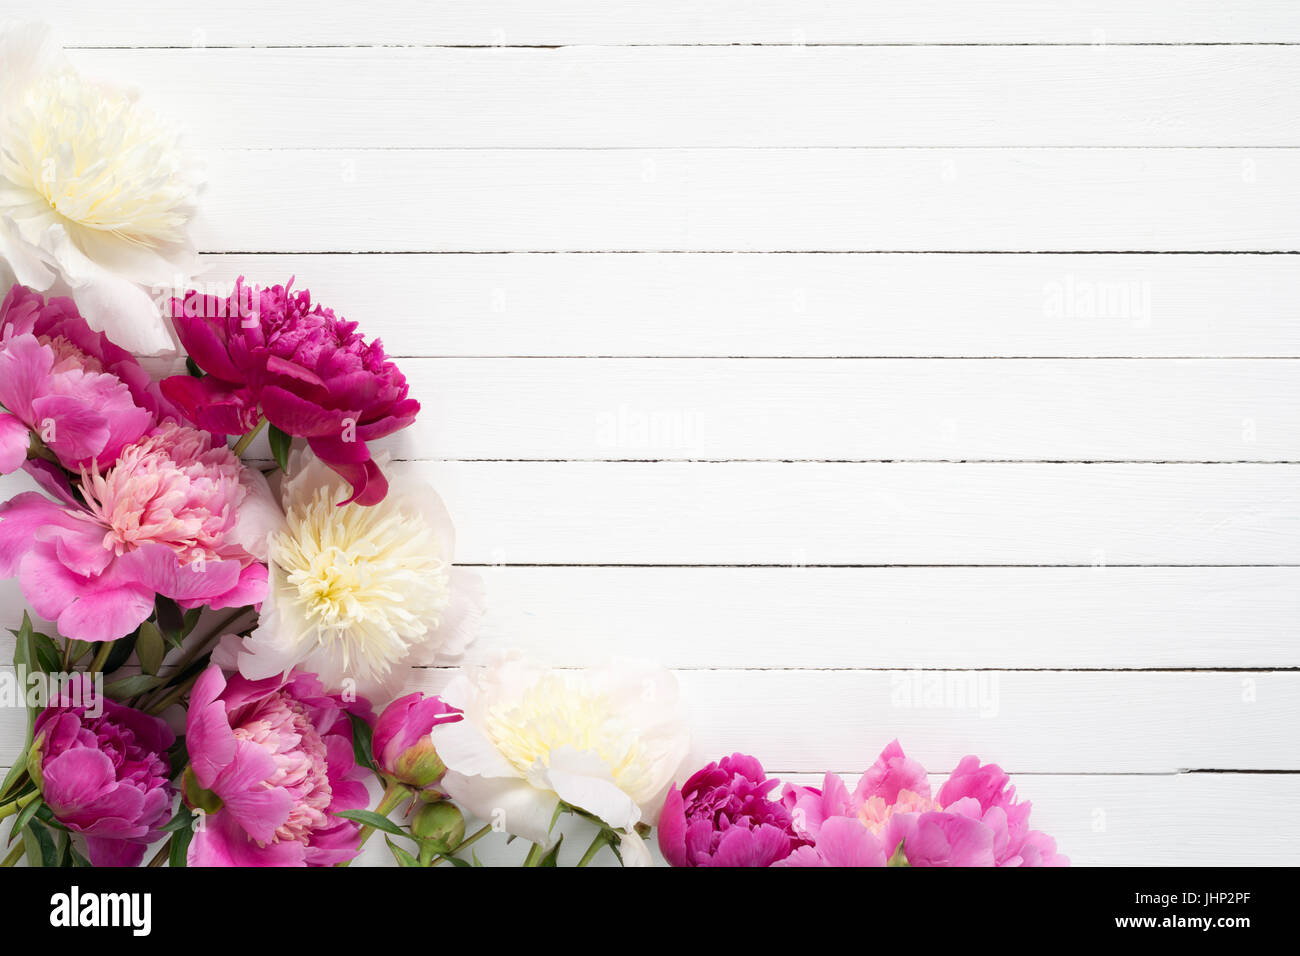 Blumen Rahmen Hintergrund Mit Schonen Rosa Violett Und Weiss